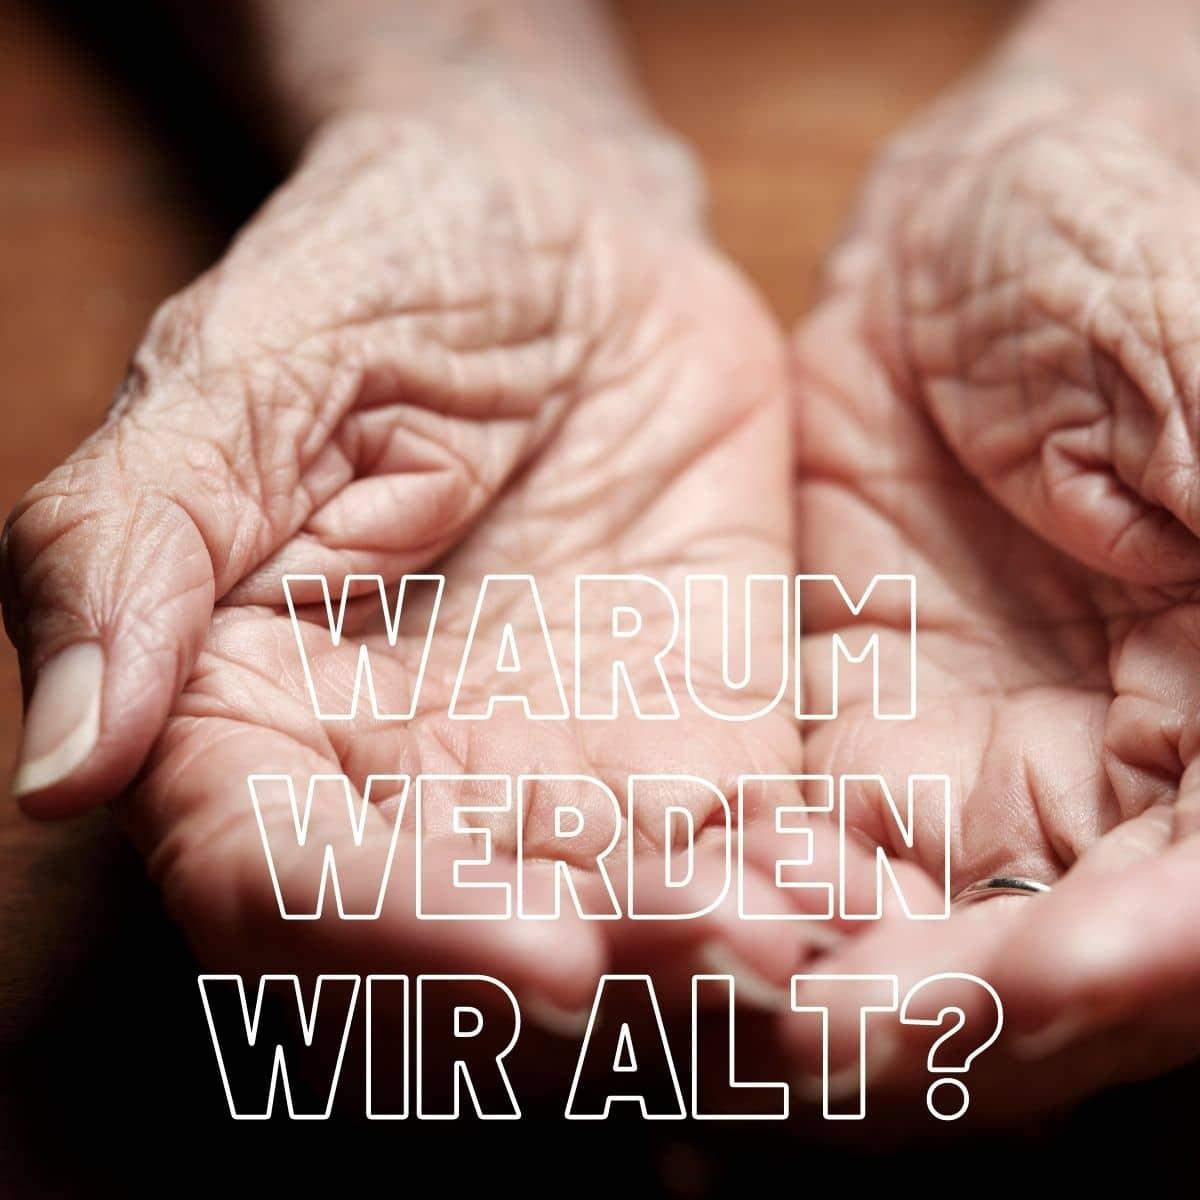 Warum werden wir alt? Toxine?